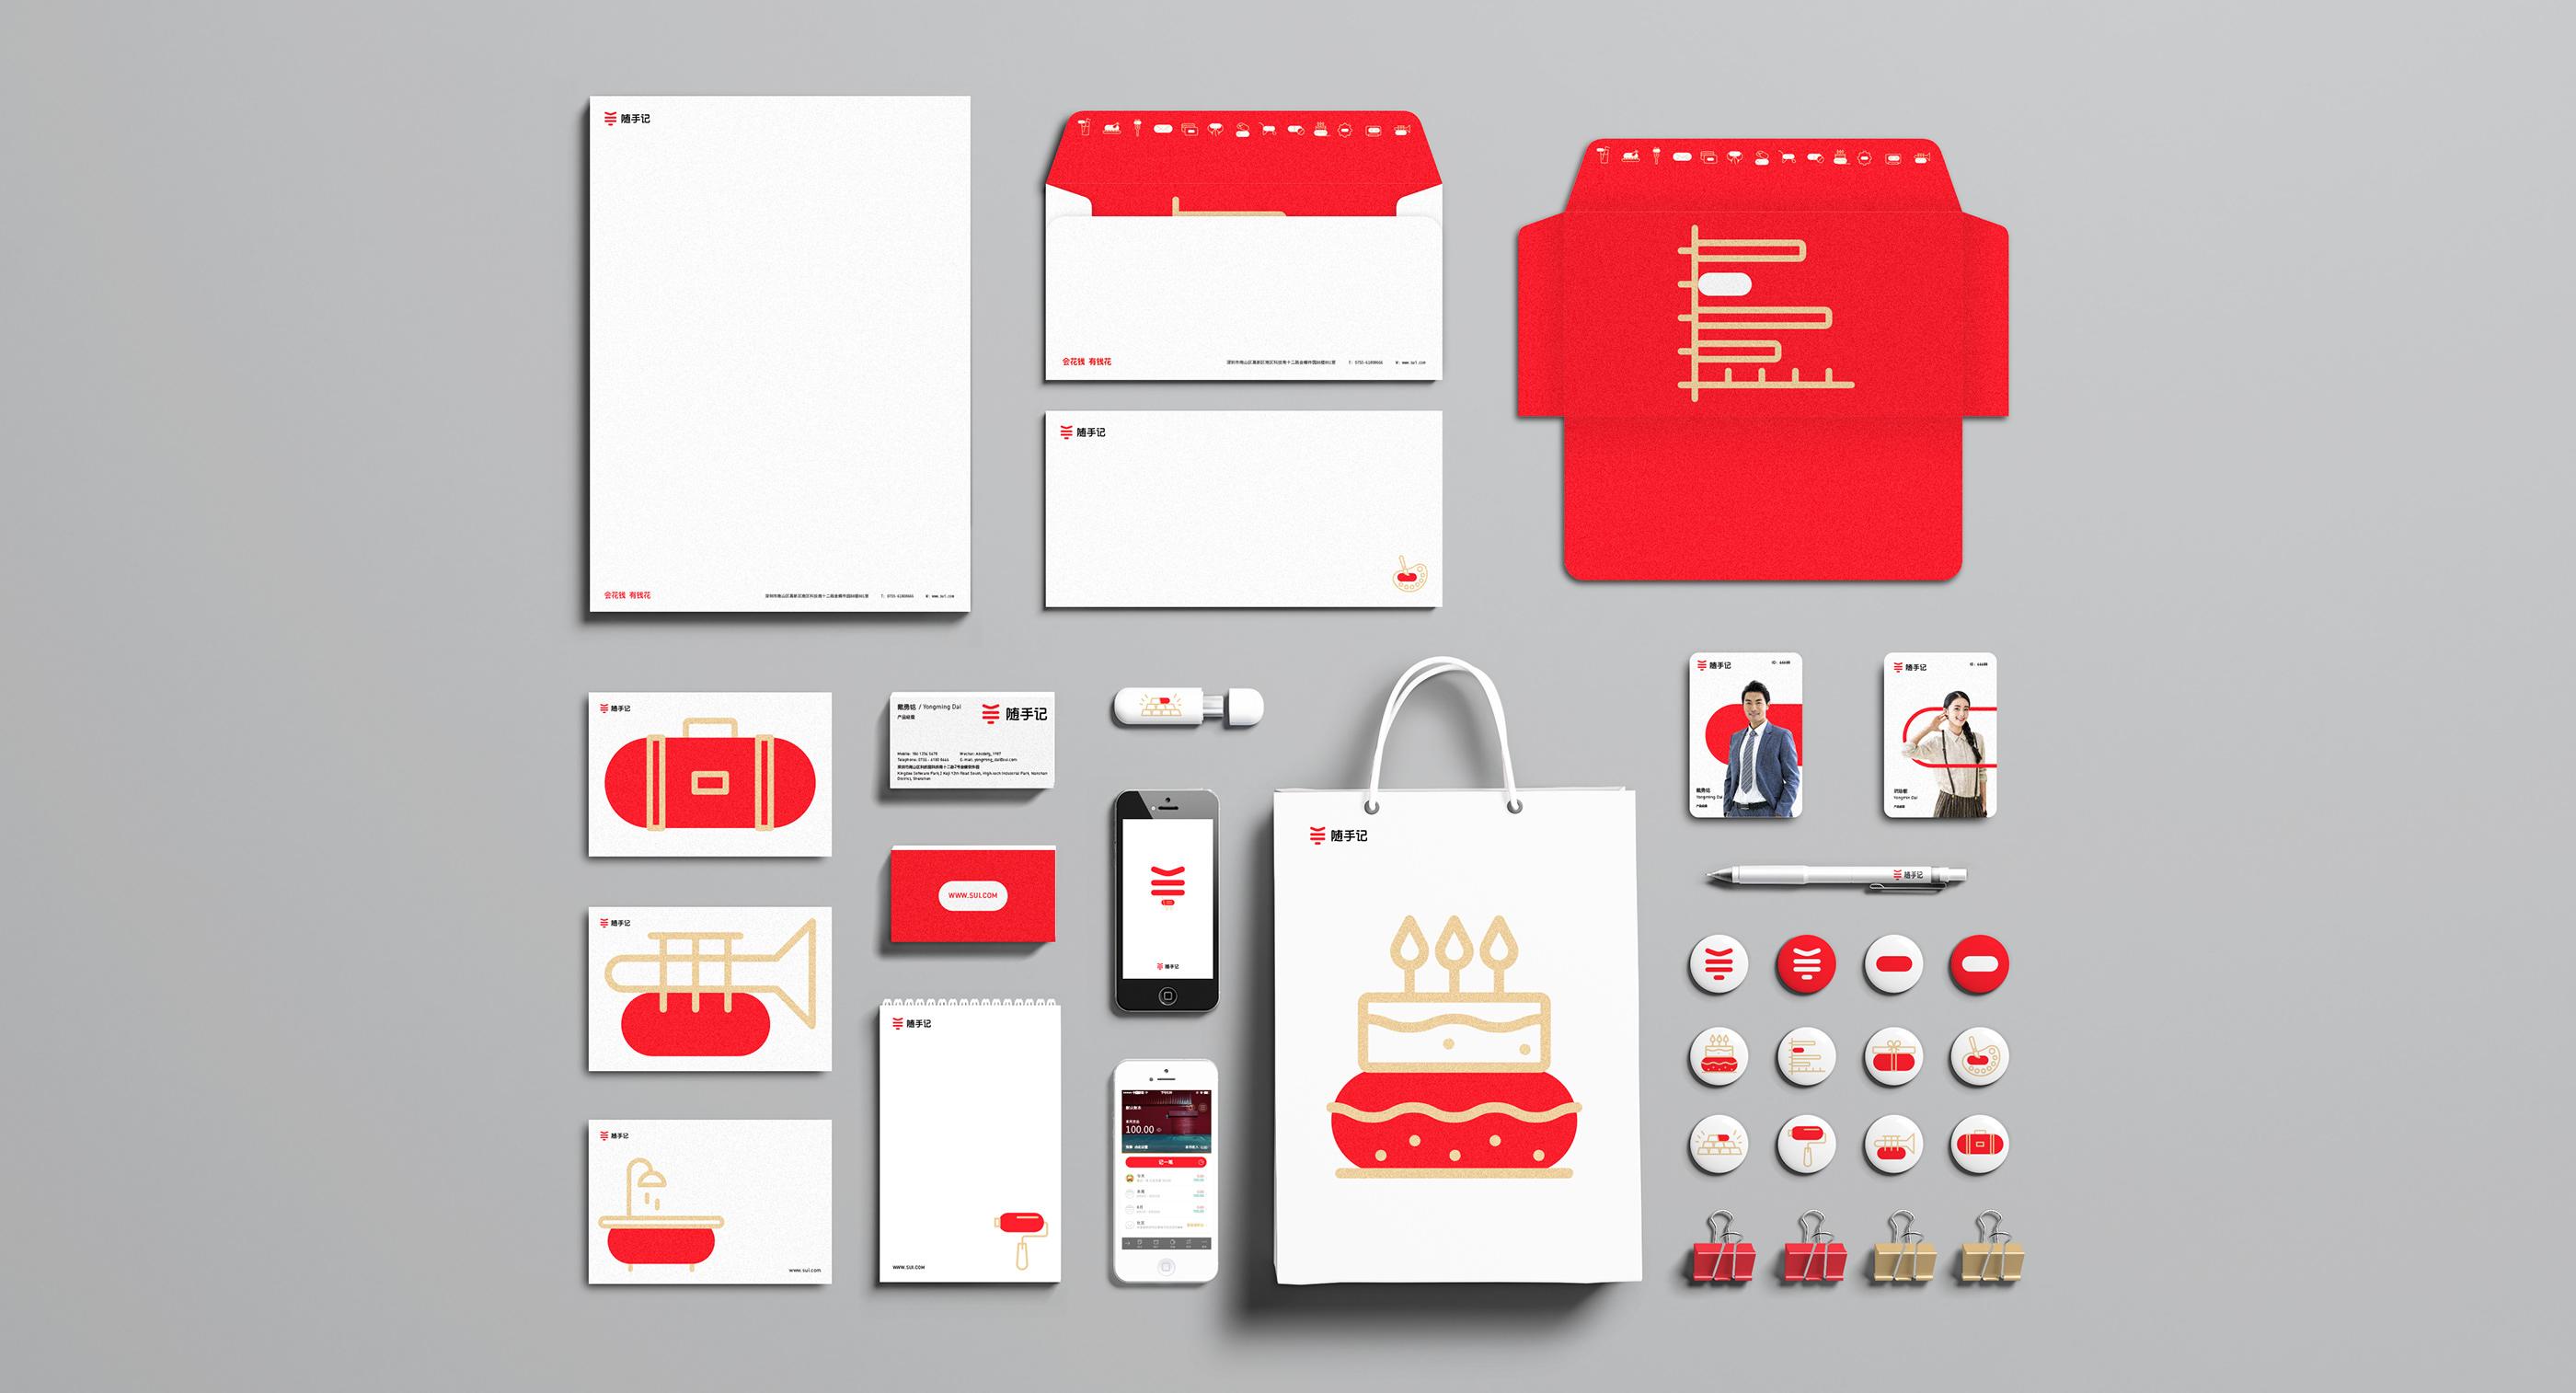 国际资讯_随手记品牌升级设计 - 视觉同盟(VisionUnion.com)